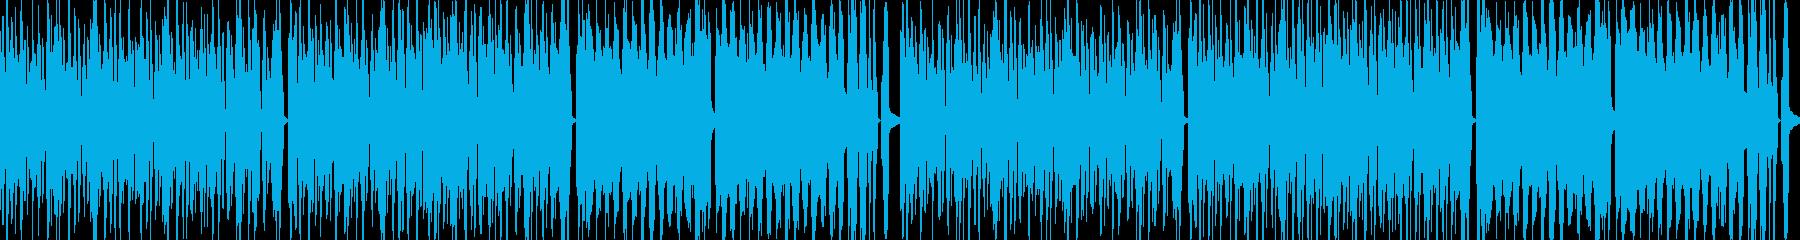 シンセリードのポップで明るいループ曲の再生済みの波形